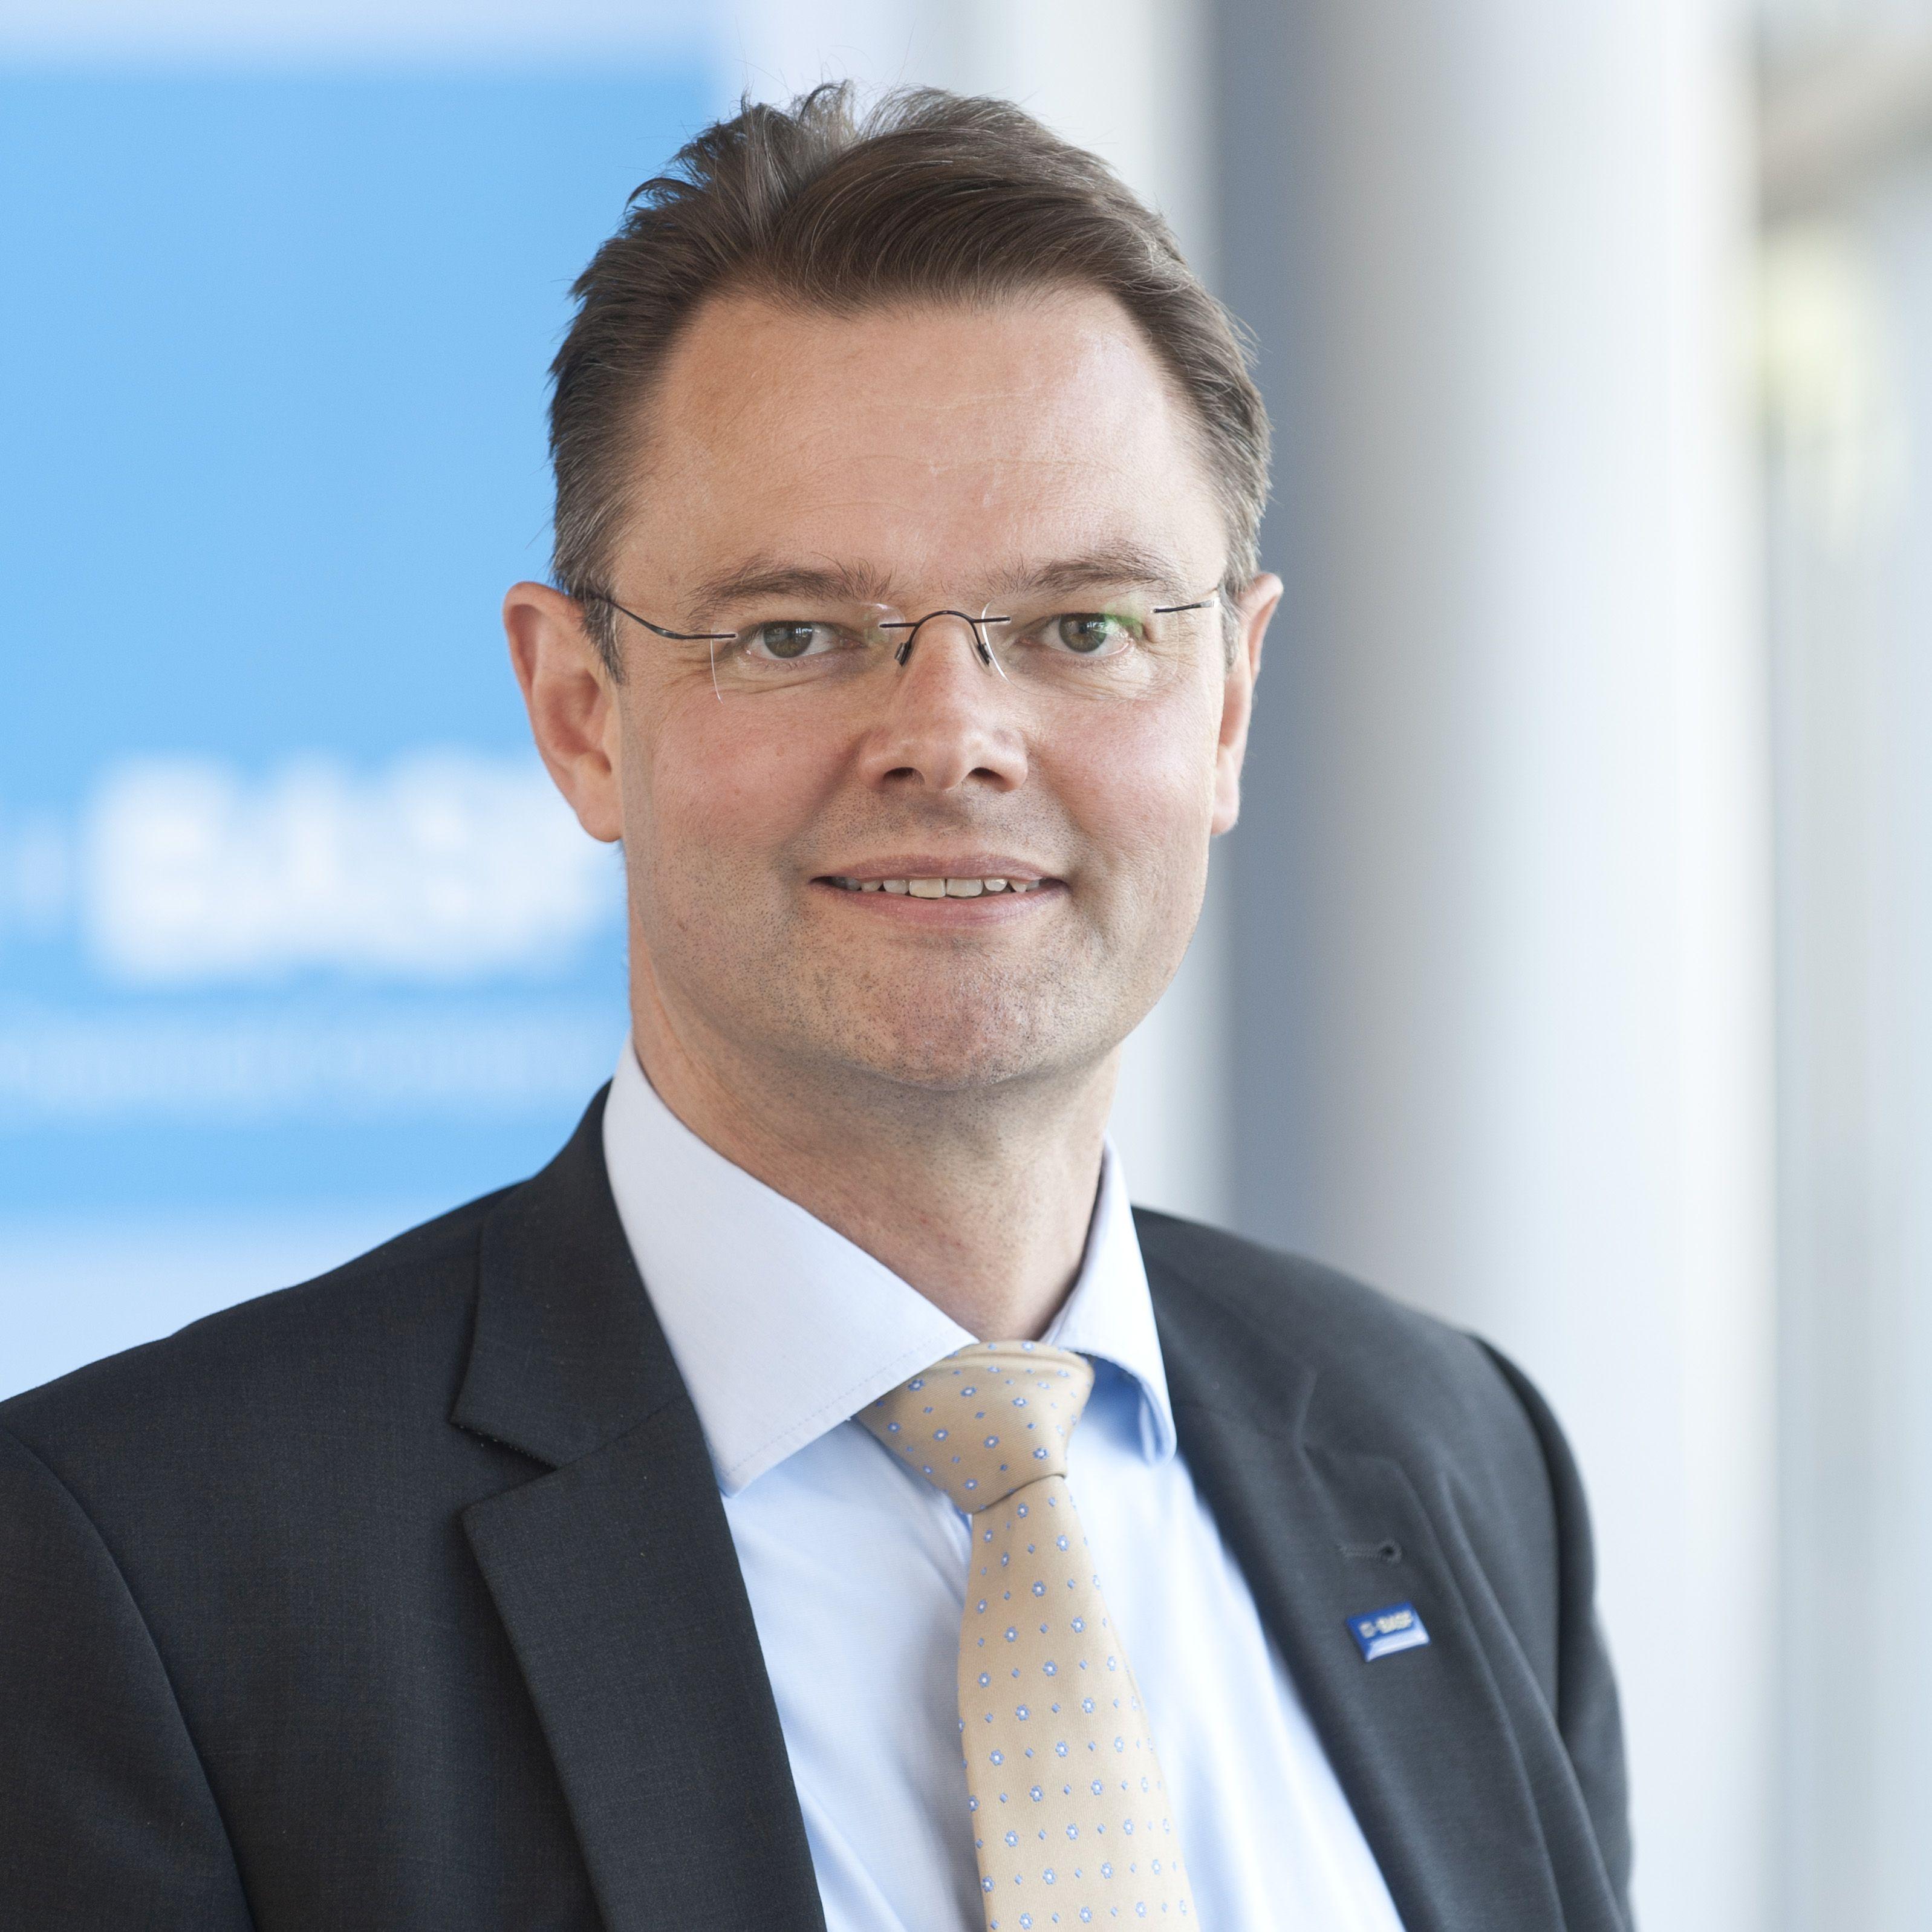 Thorsten Pinkepank